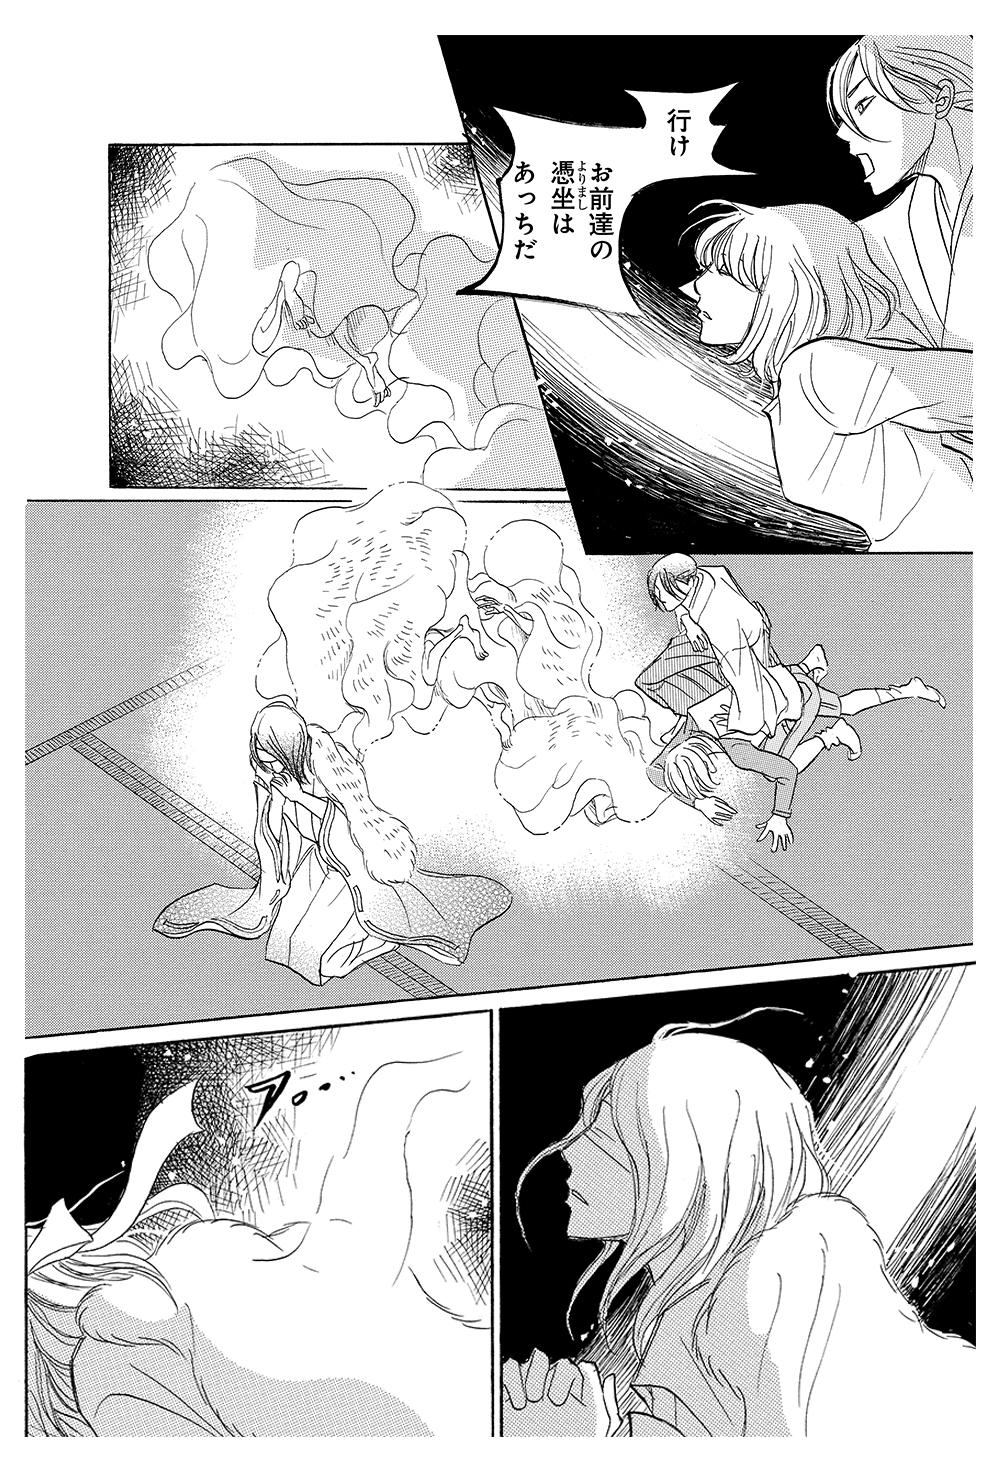 伊集院月丸の残念な霊能稼業 第1話「獣の皮」①iju1-1-13.jpg